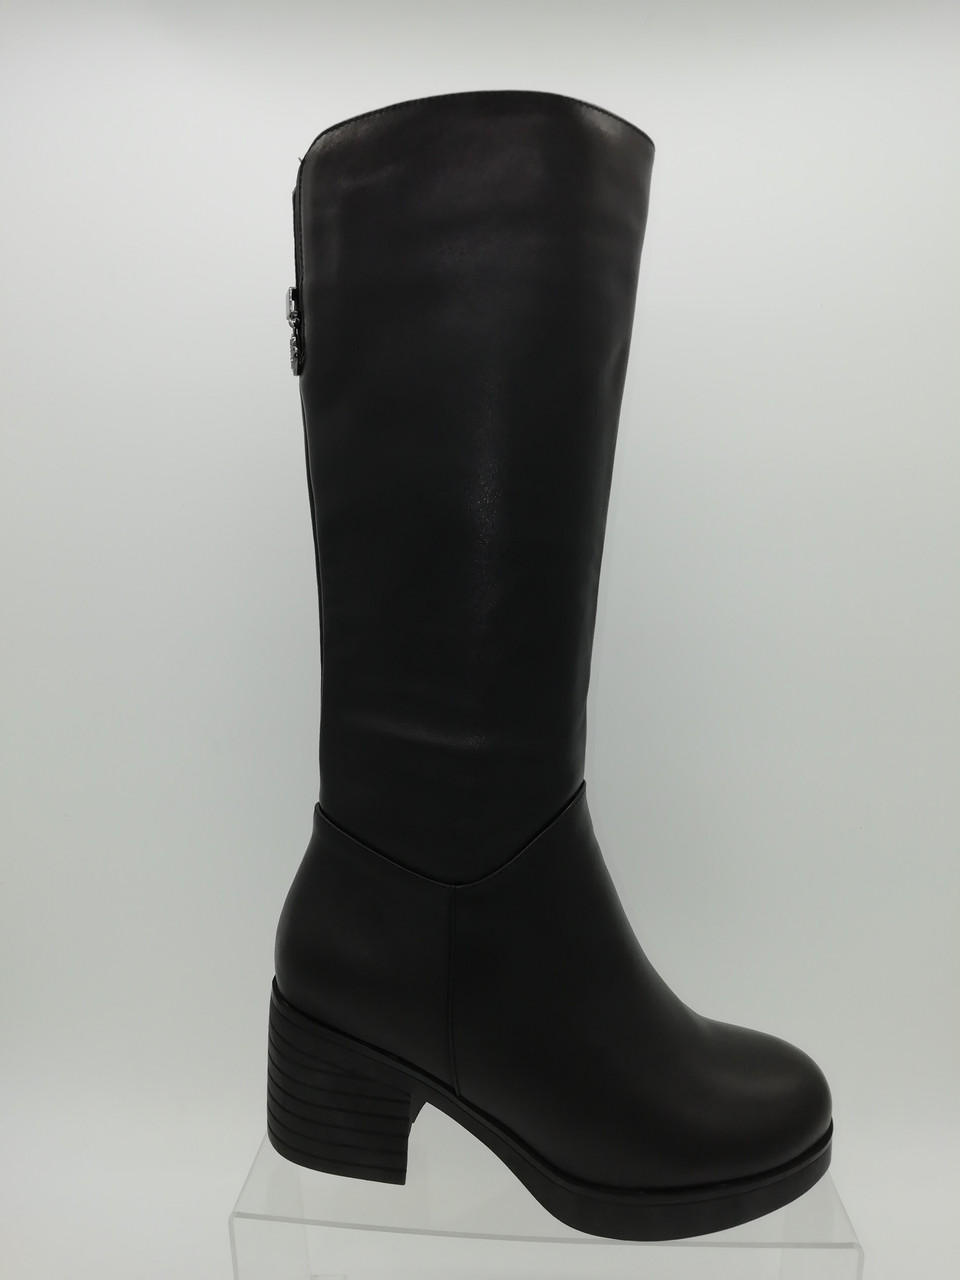 Кожаные зимние сапоги. Маленькие размеры (33 - 35).